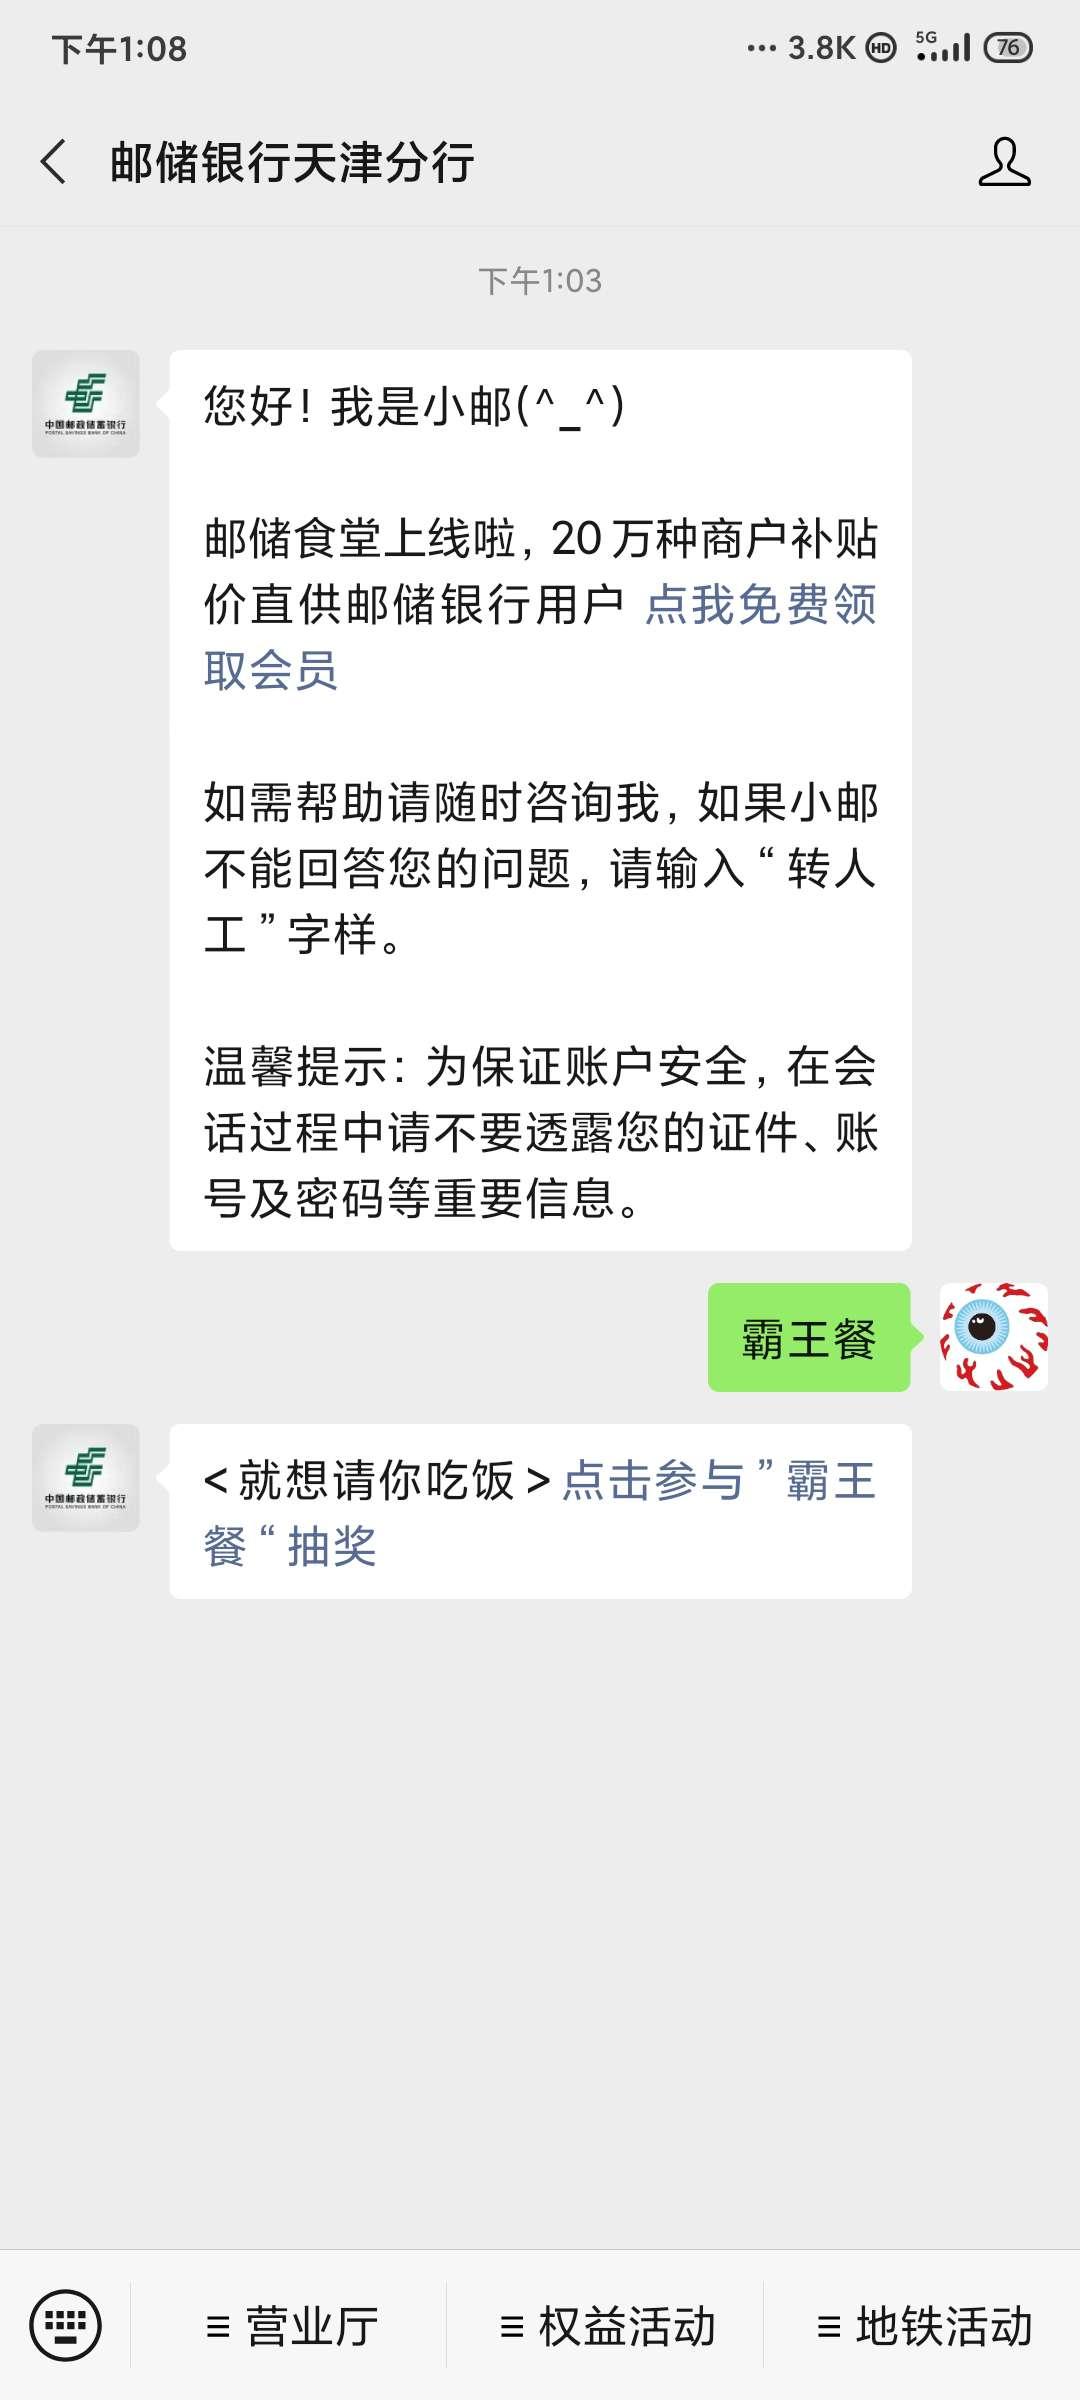 邮储银行天津分行大转盘抽红包插图3